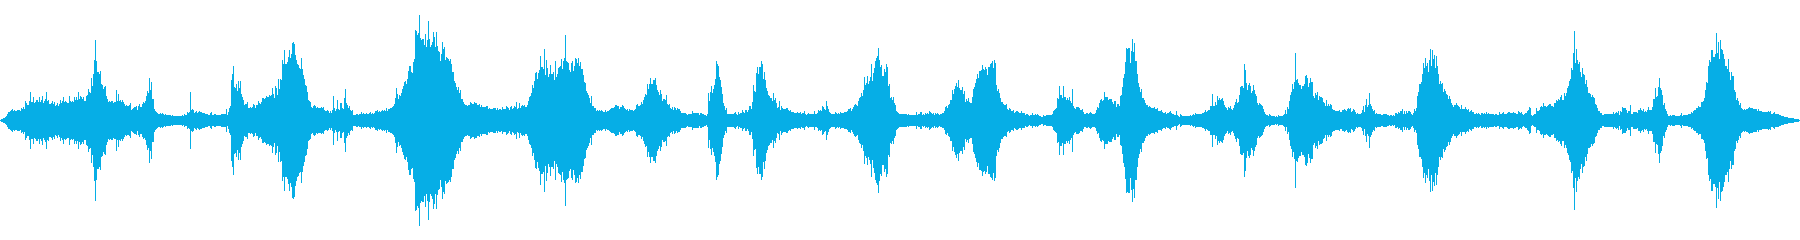 大浜海岸の波の音 12 【徳島】の再生済みの波形